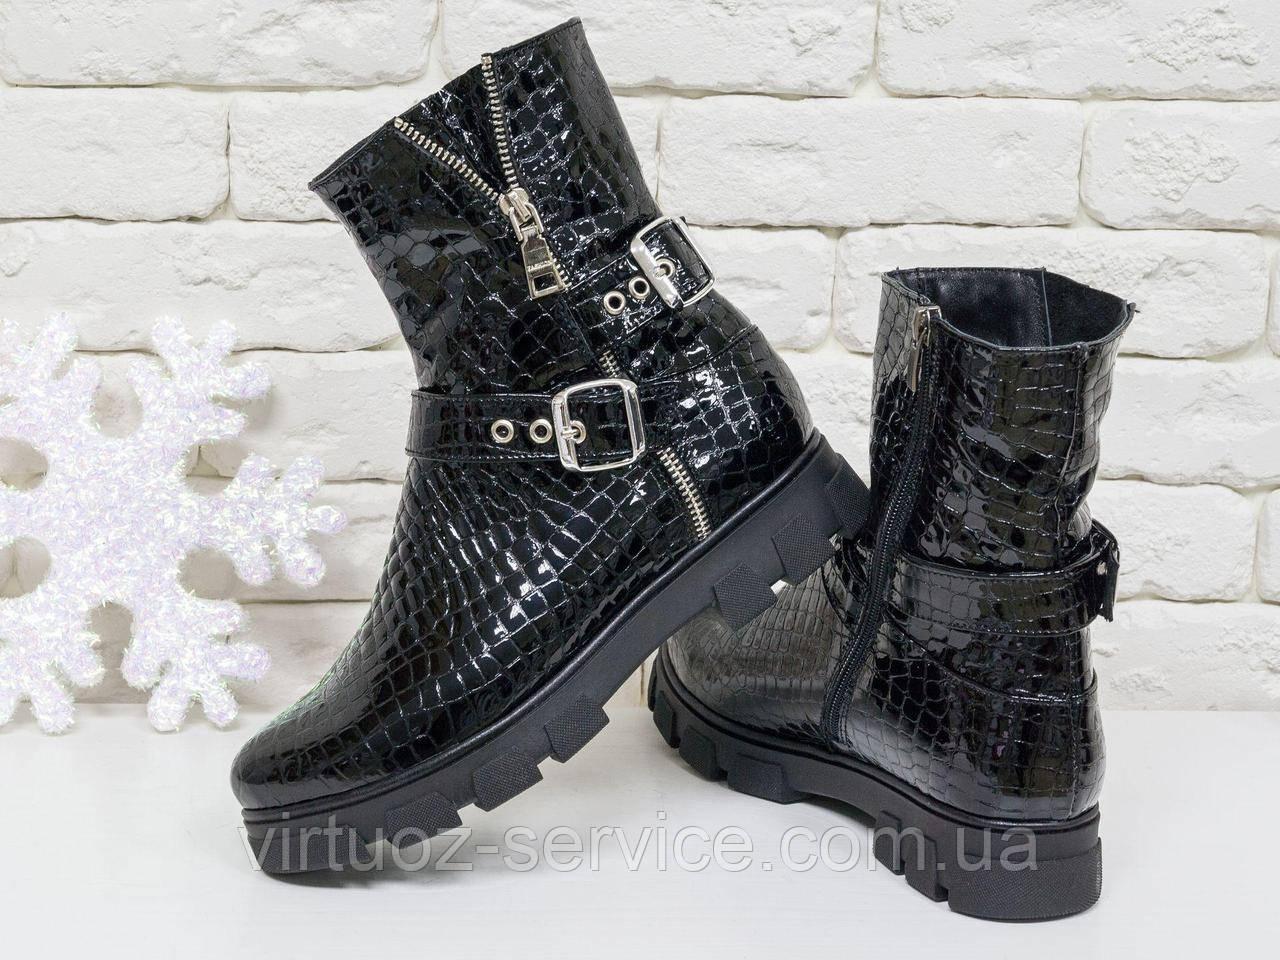 Ботинки женские Gino Figini Б-450-08 из натуральной кожи 36 Черный